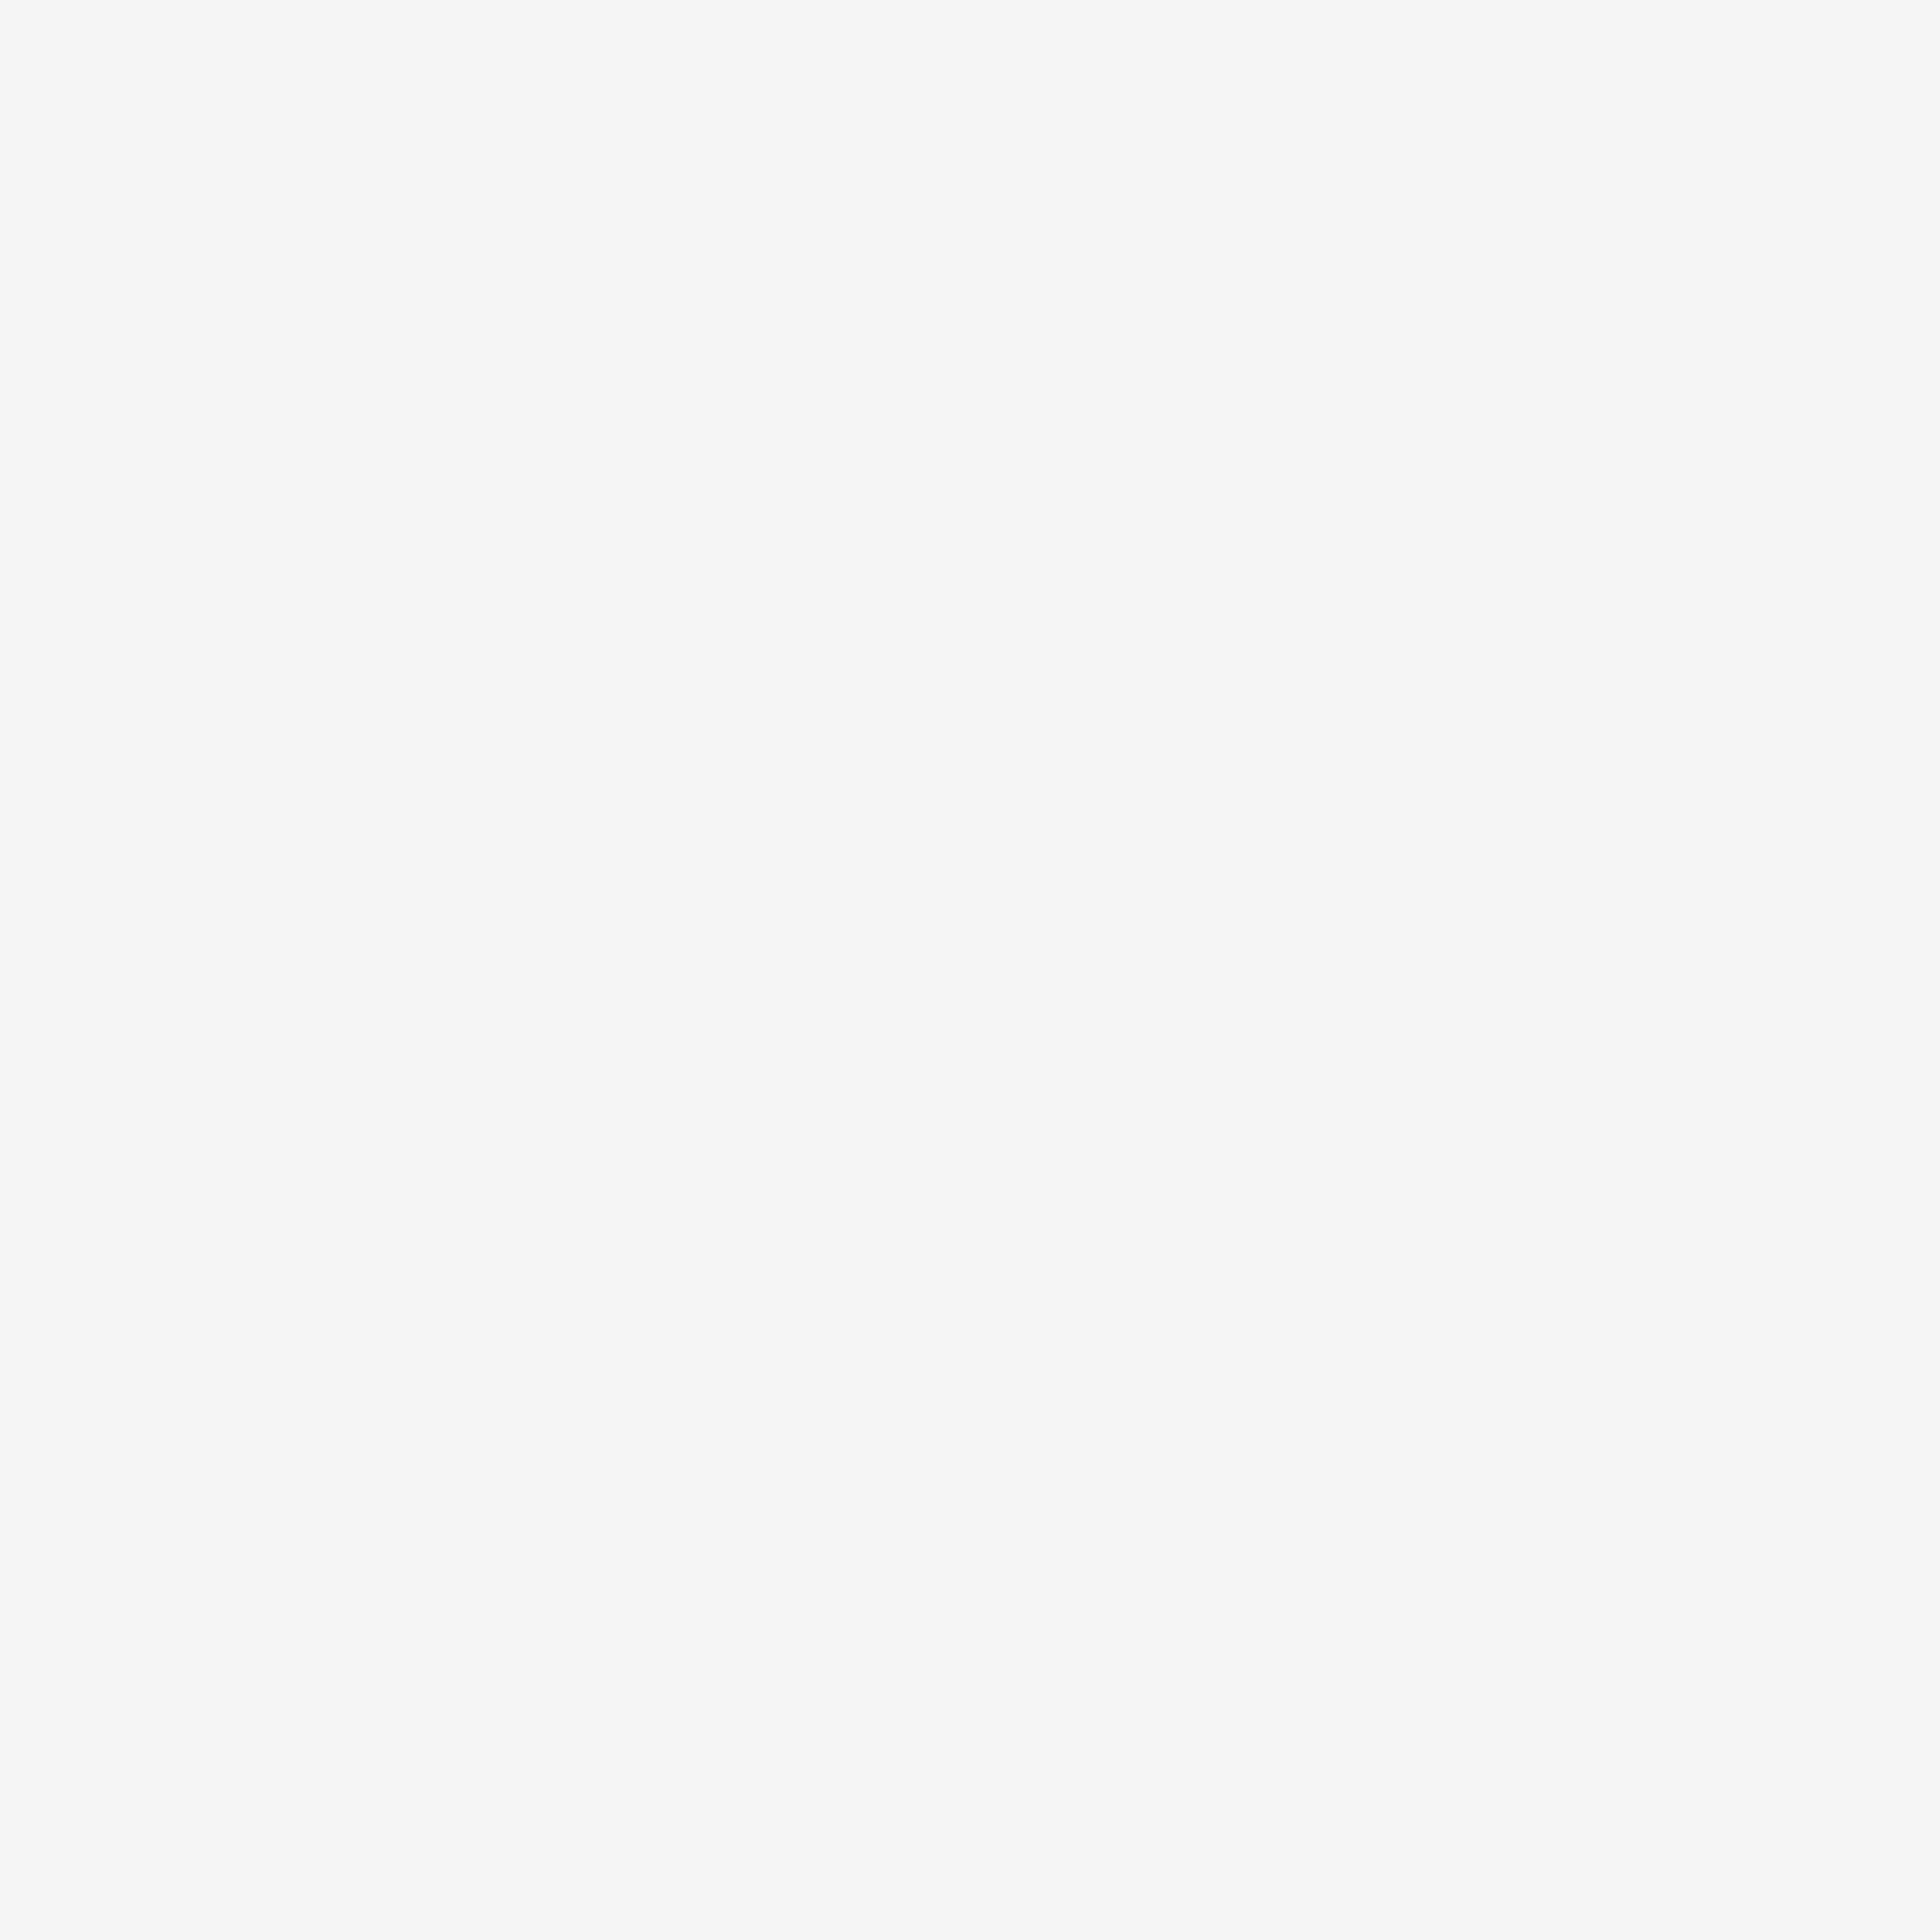 Ibizah 044 Leest10062 Shoes Order Xsensible OnlineOxener 2 QCBsxthrd